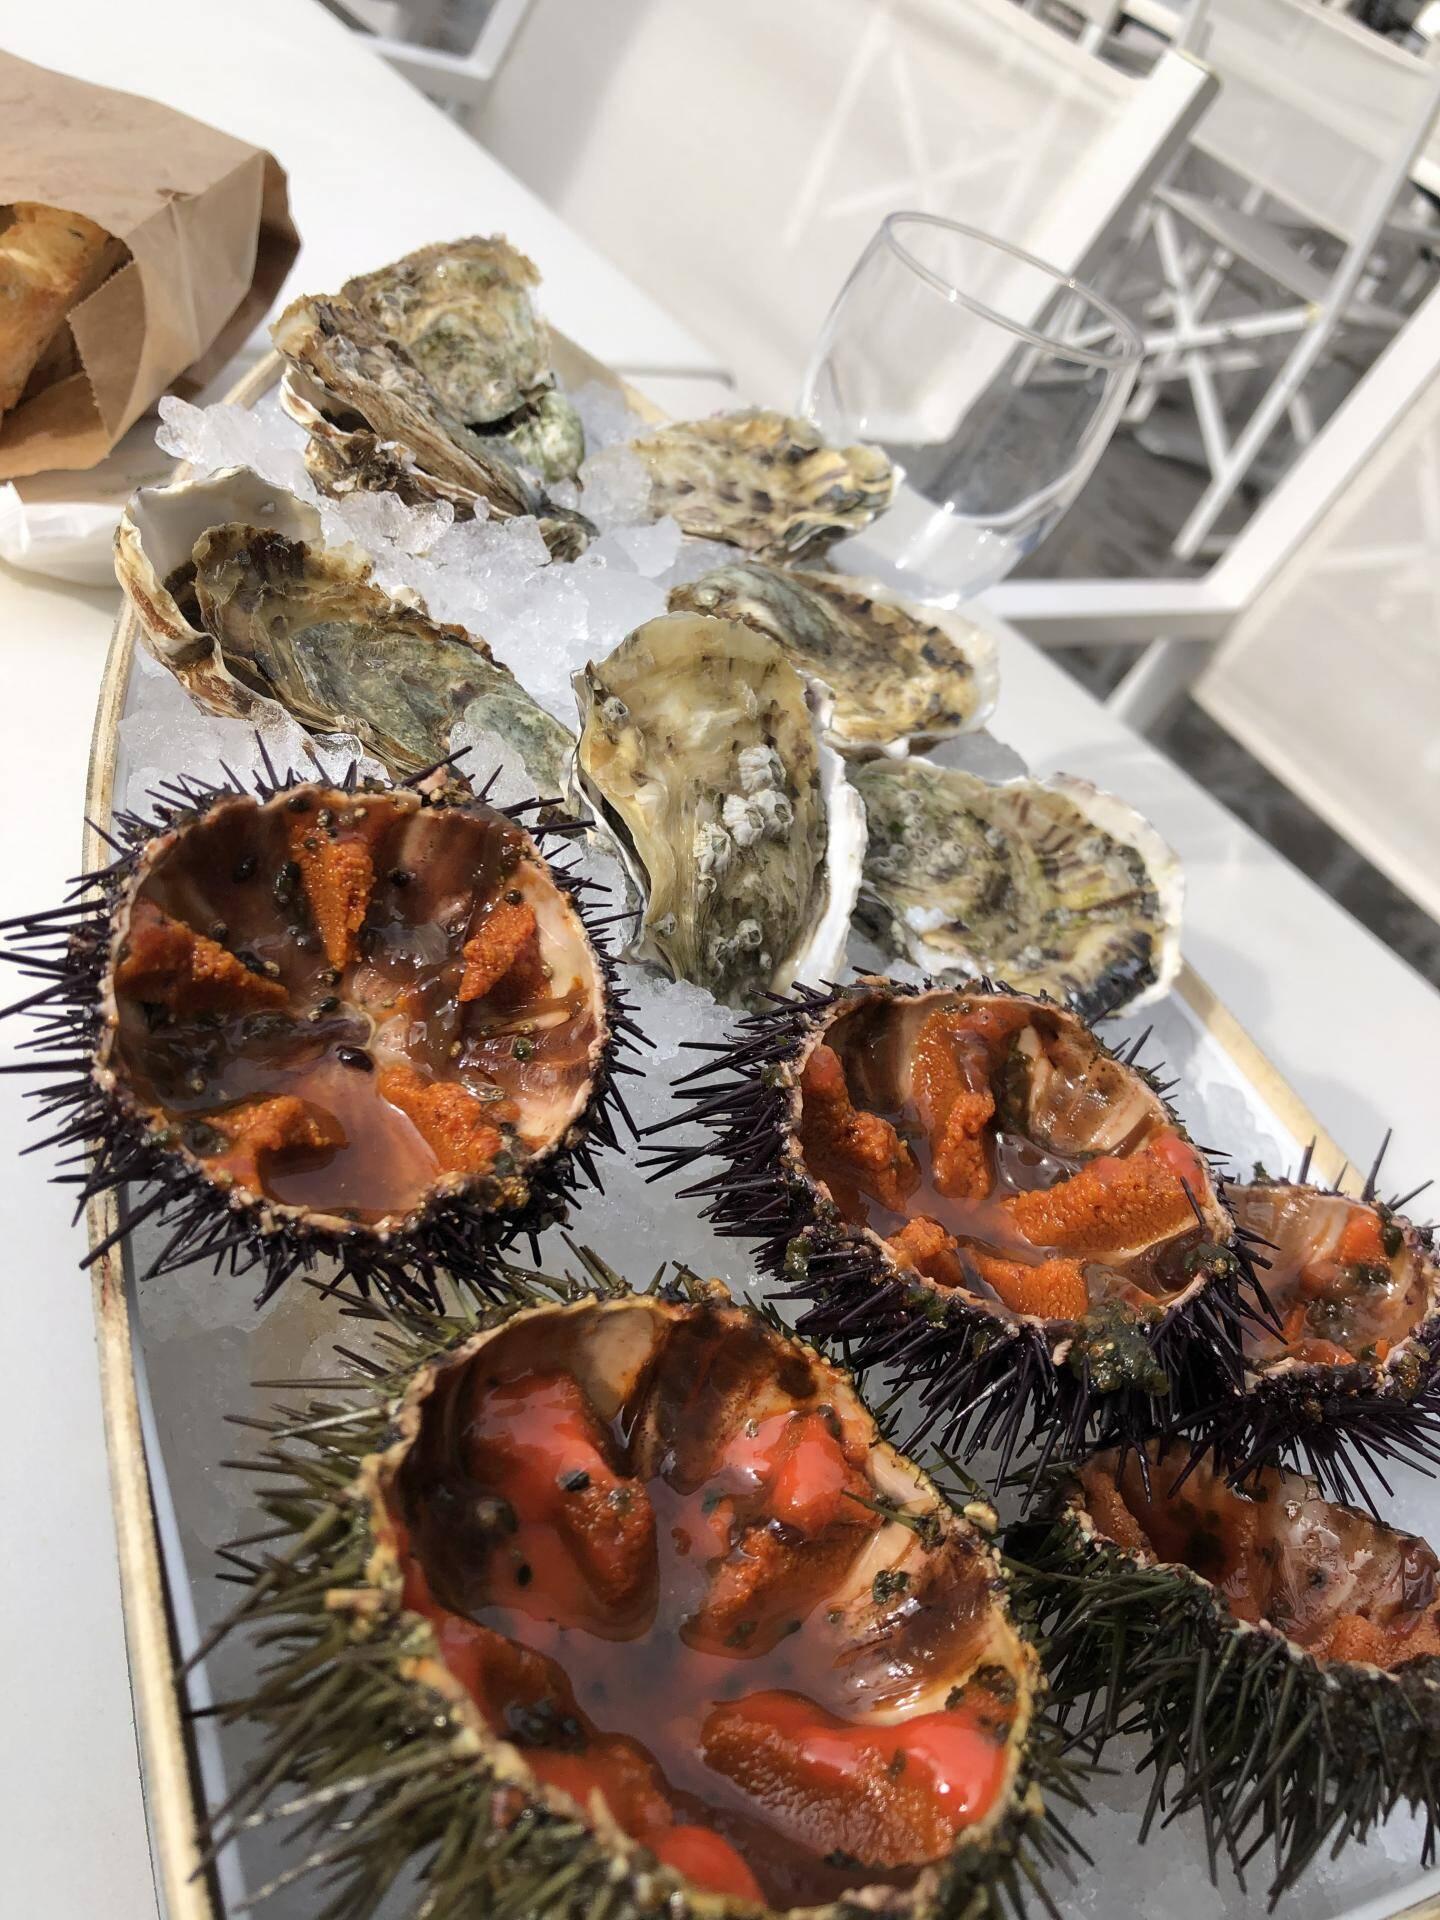 La saison des oursins a commencé : c'est un concentré de la mer, iodé mais plein de douceur. Un régal !